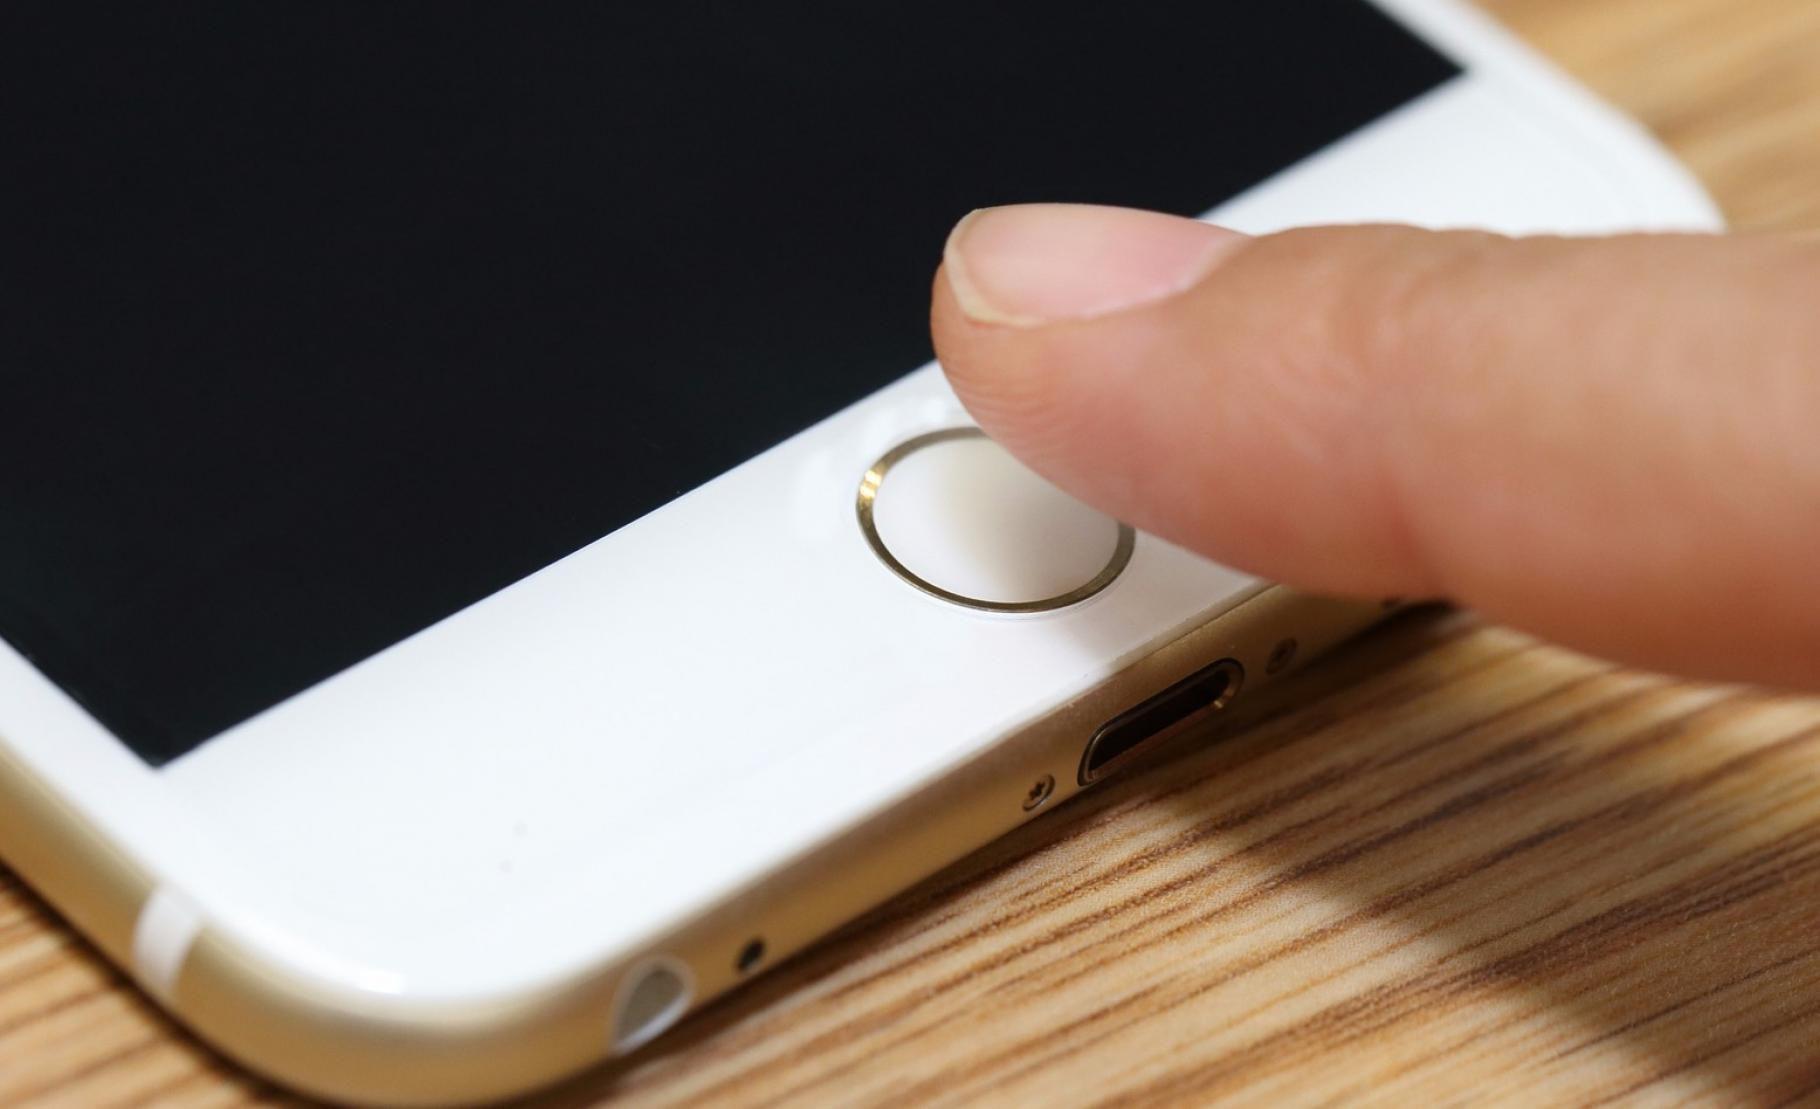 Le capteur Touch ID